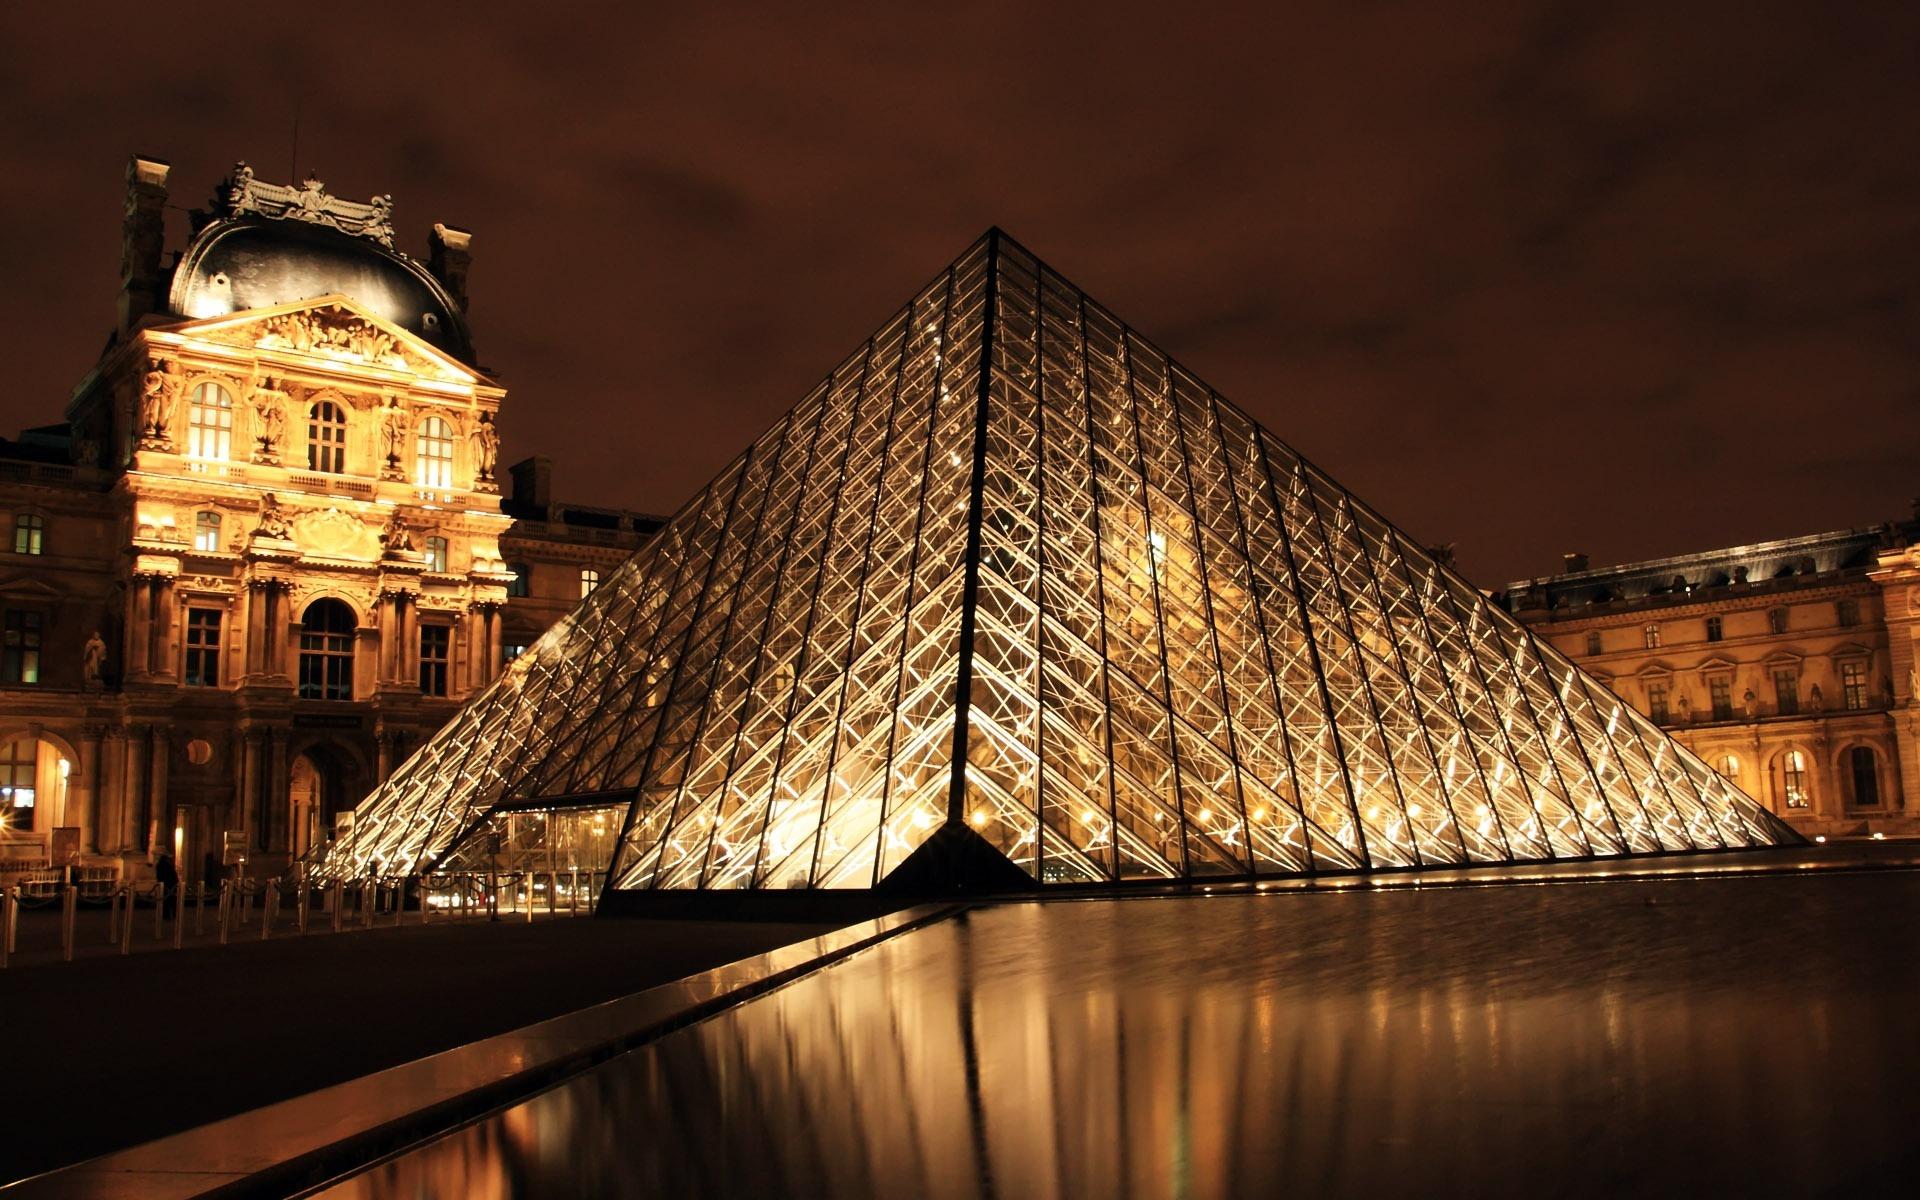 масса вариантов как ночью фотографировать архитектуру если